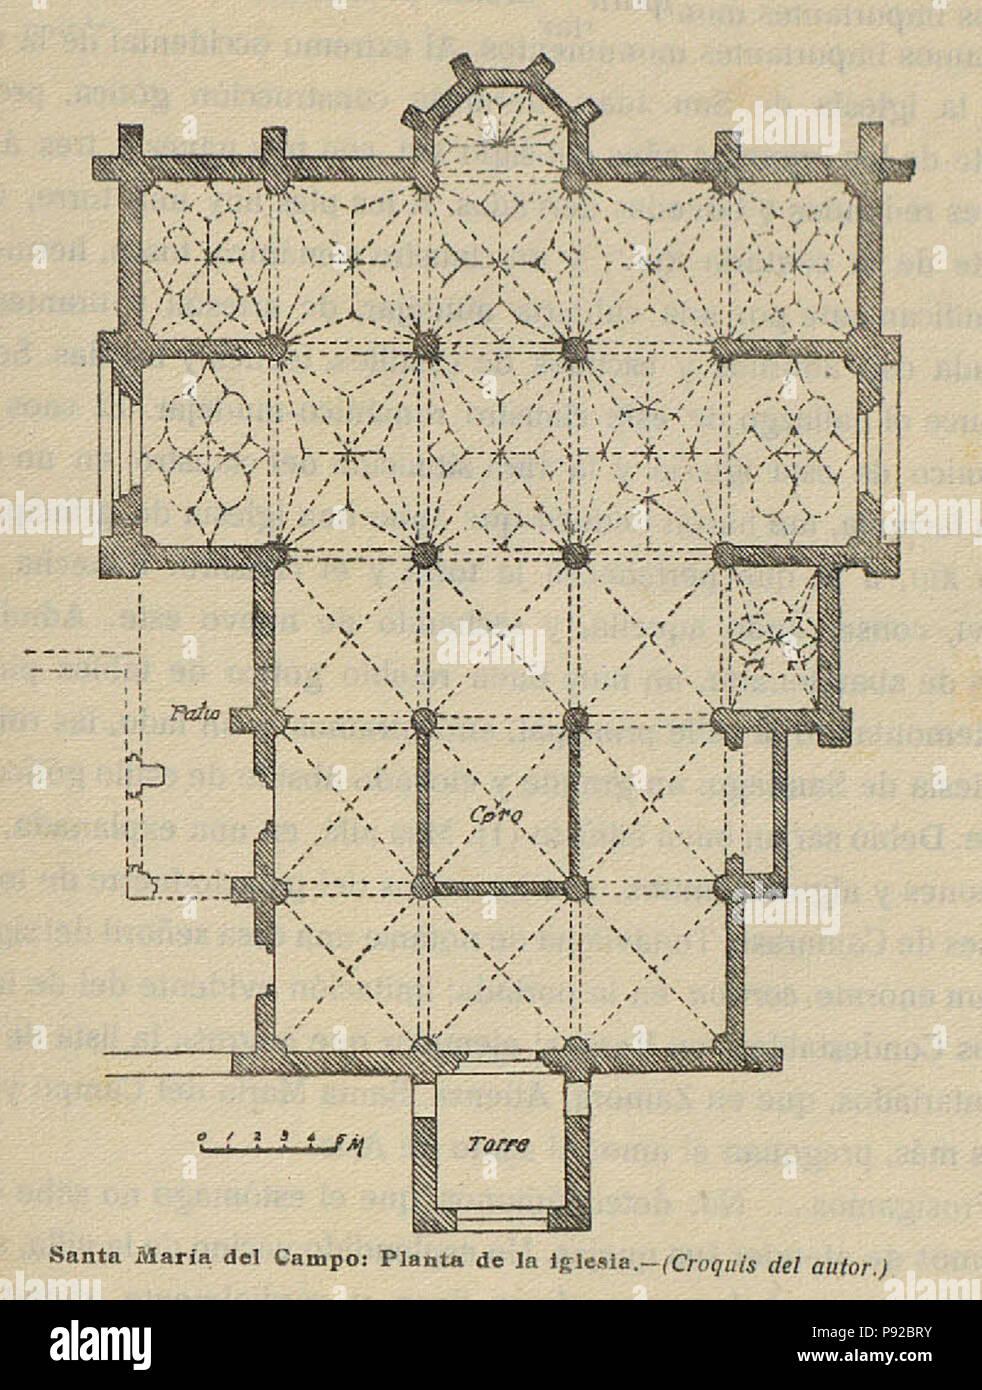 18 1920-06, Boletín de la Sociedad Española de Excursiones, Santa María del Campo, planta de la iglesia, Vicente Lampérez Stock Photo